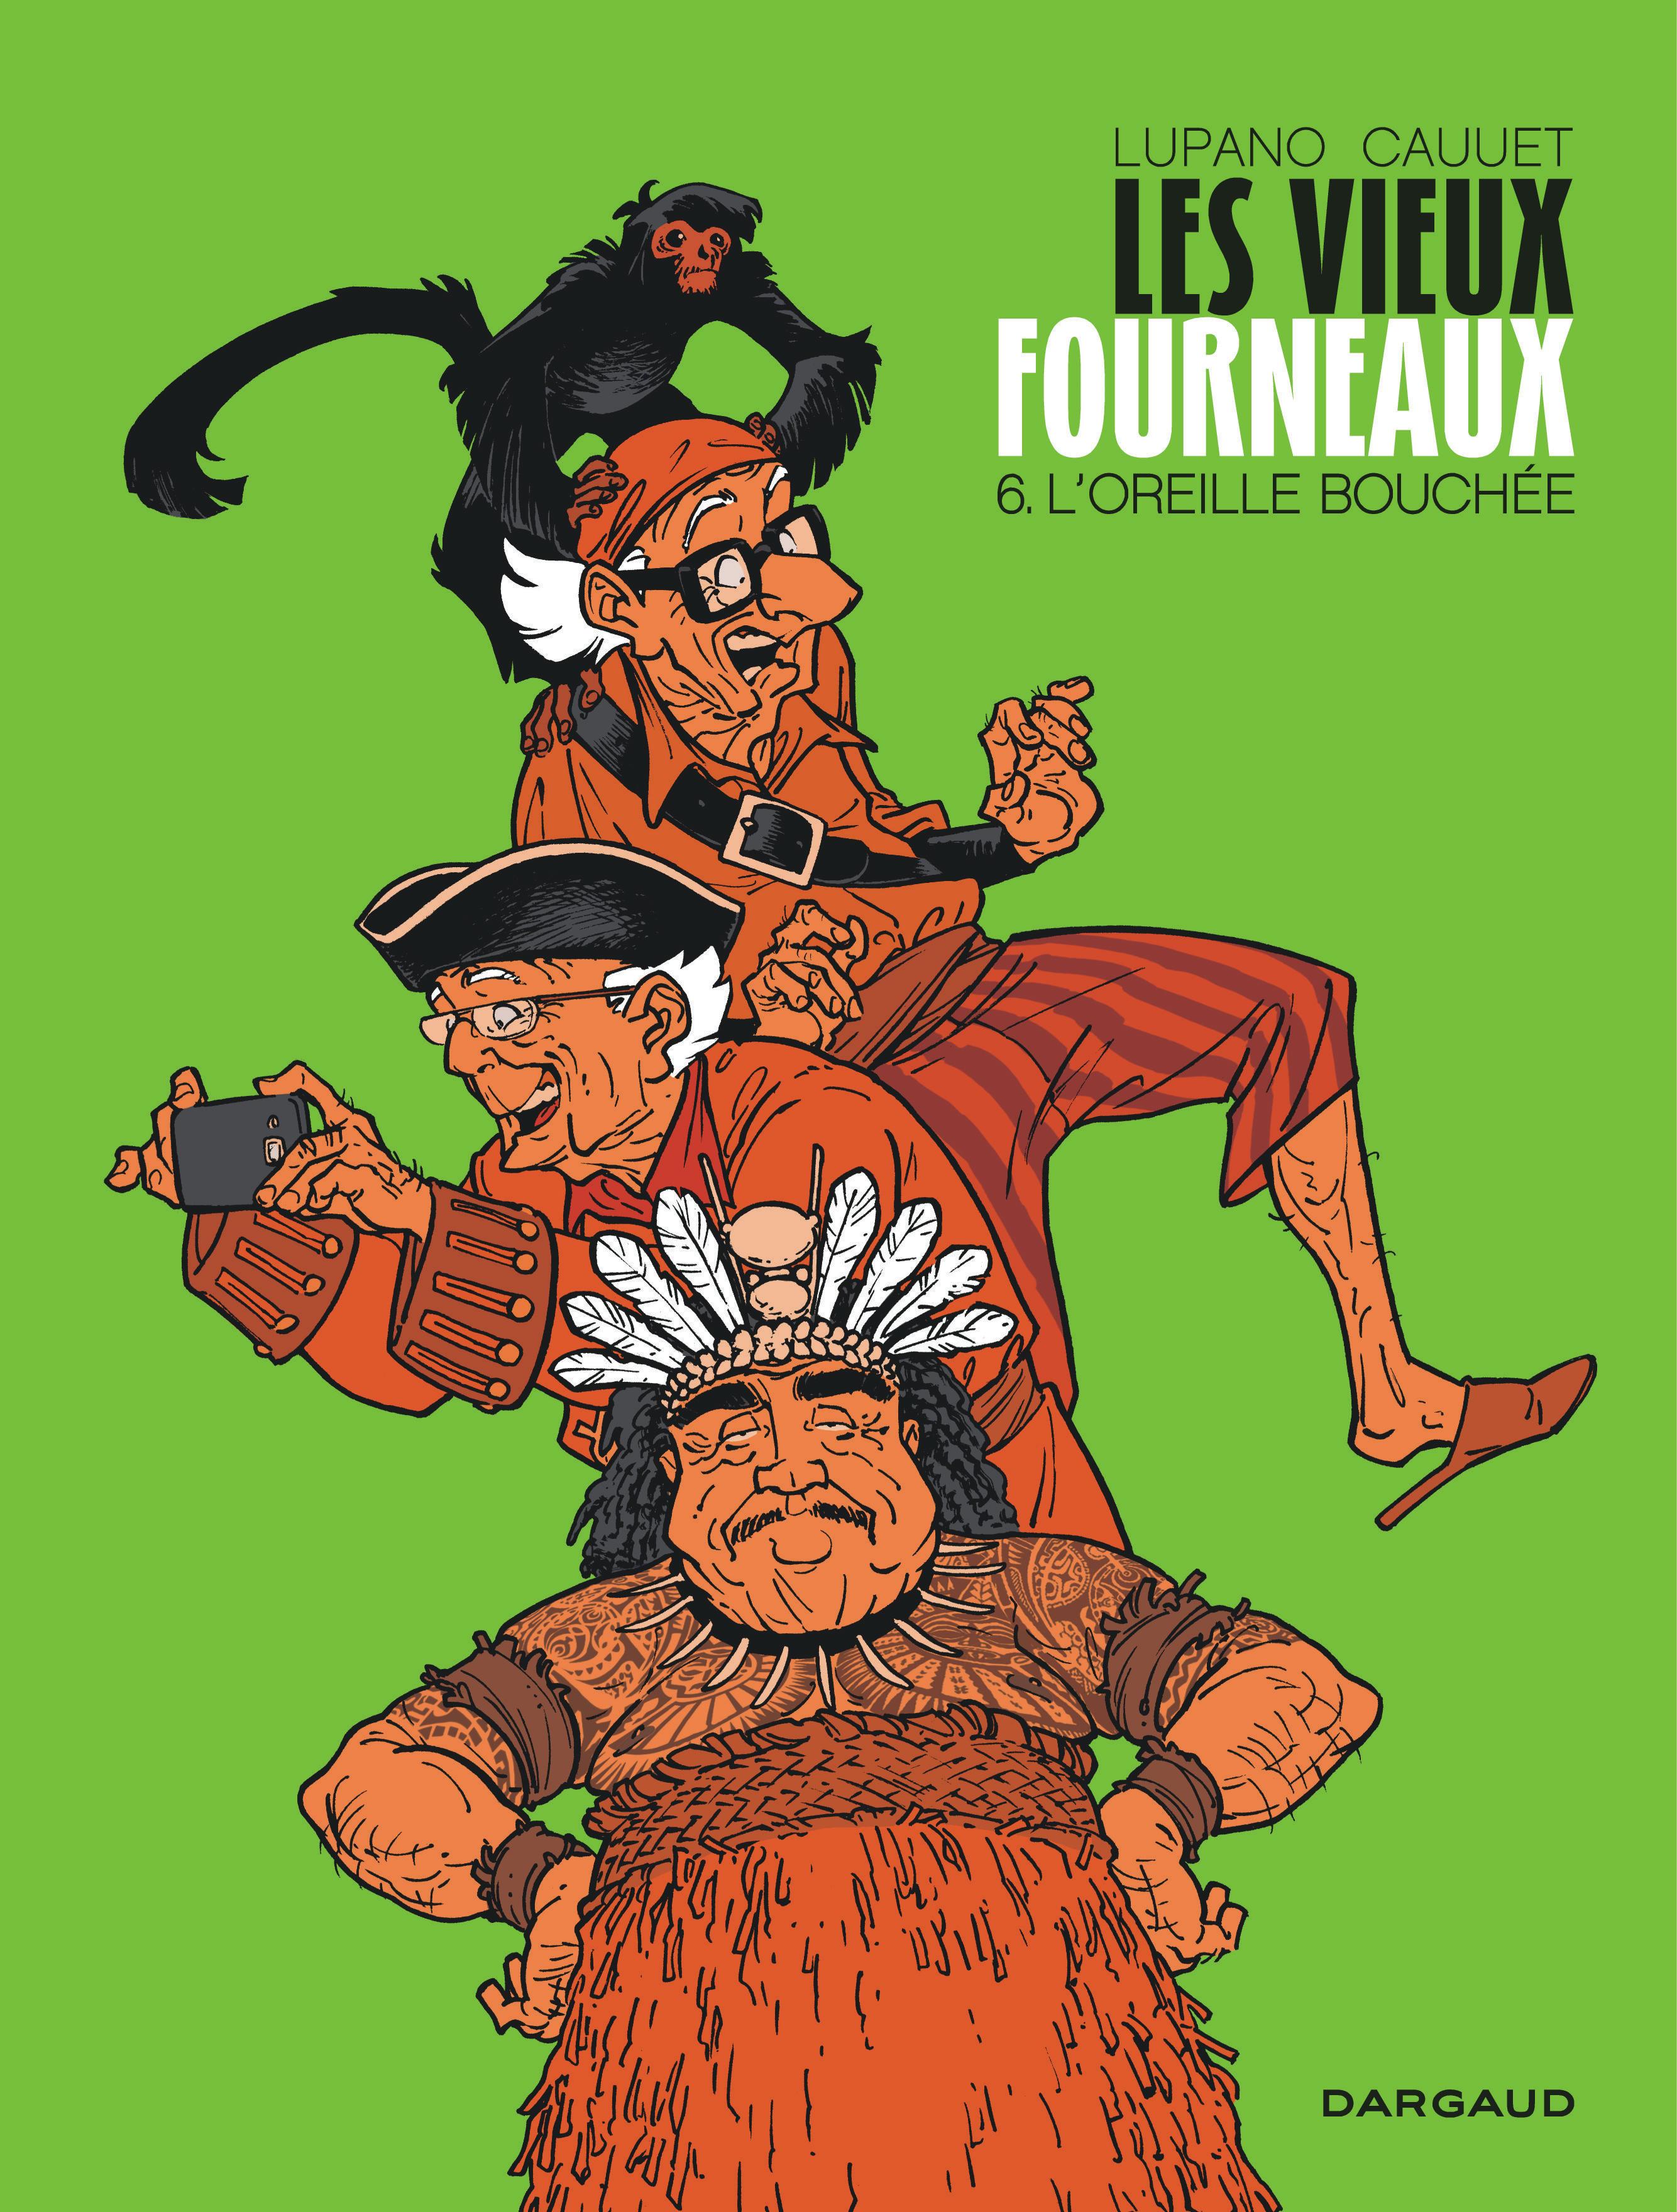 Bandes dessinées - Les Vieux Fourneaux - Tome 6 L'Oreille bouchée - DARGAUD